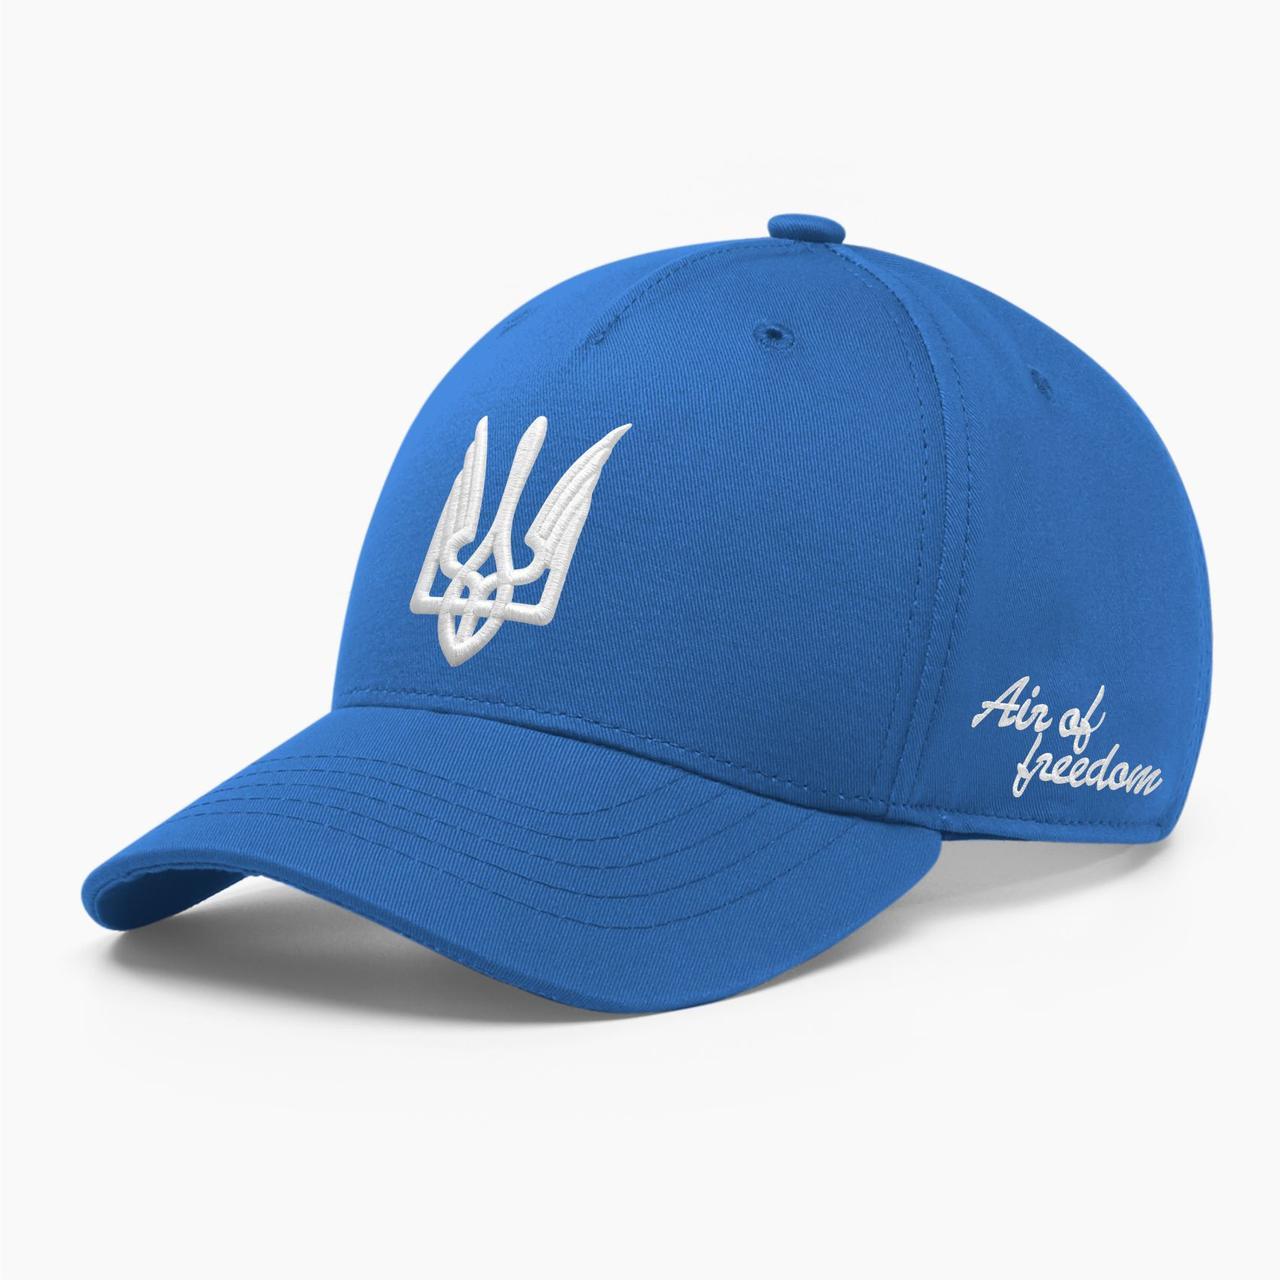 Детская кепка бейсболка INAL с тризубом стилизованным XS / 51-52 RU Синий 243351